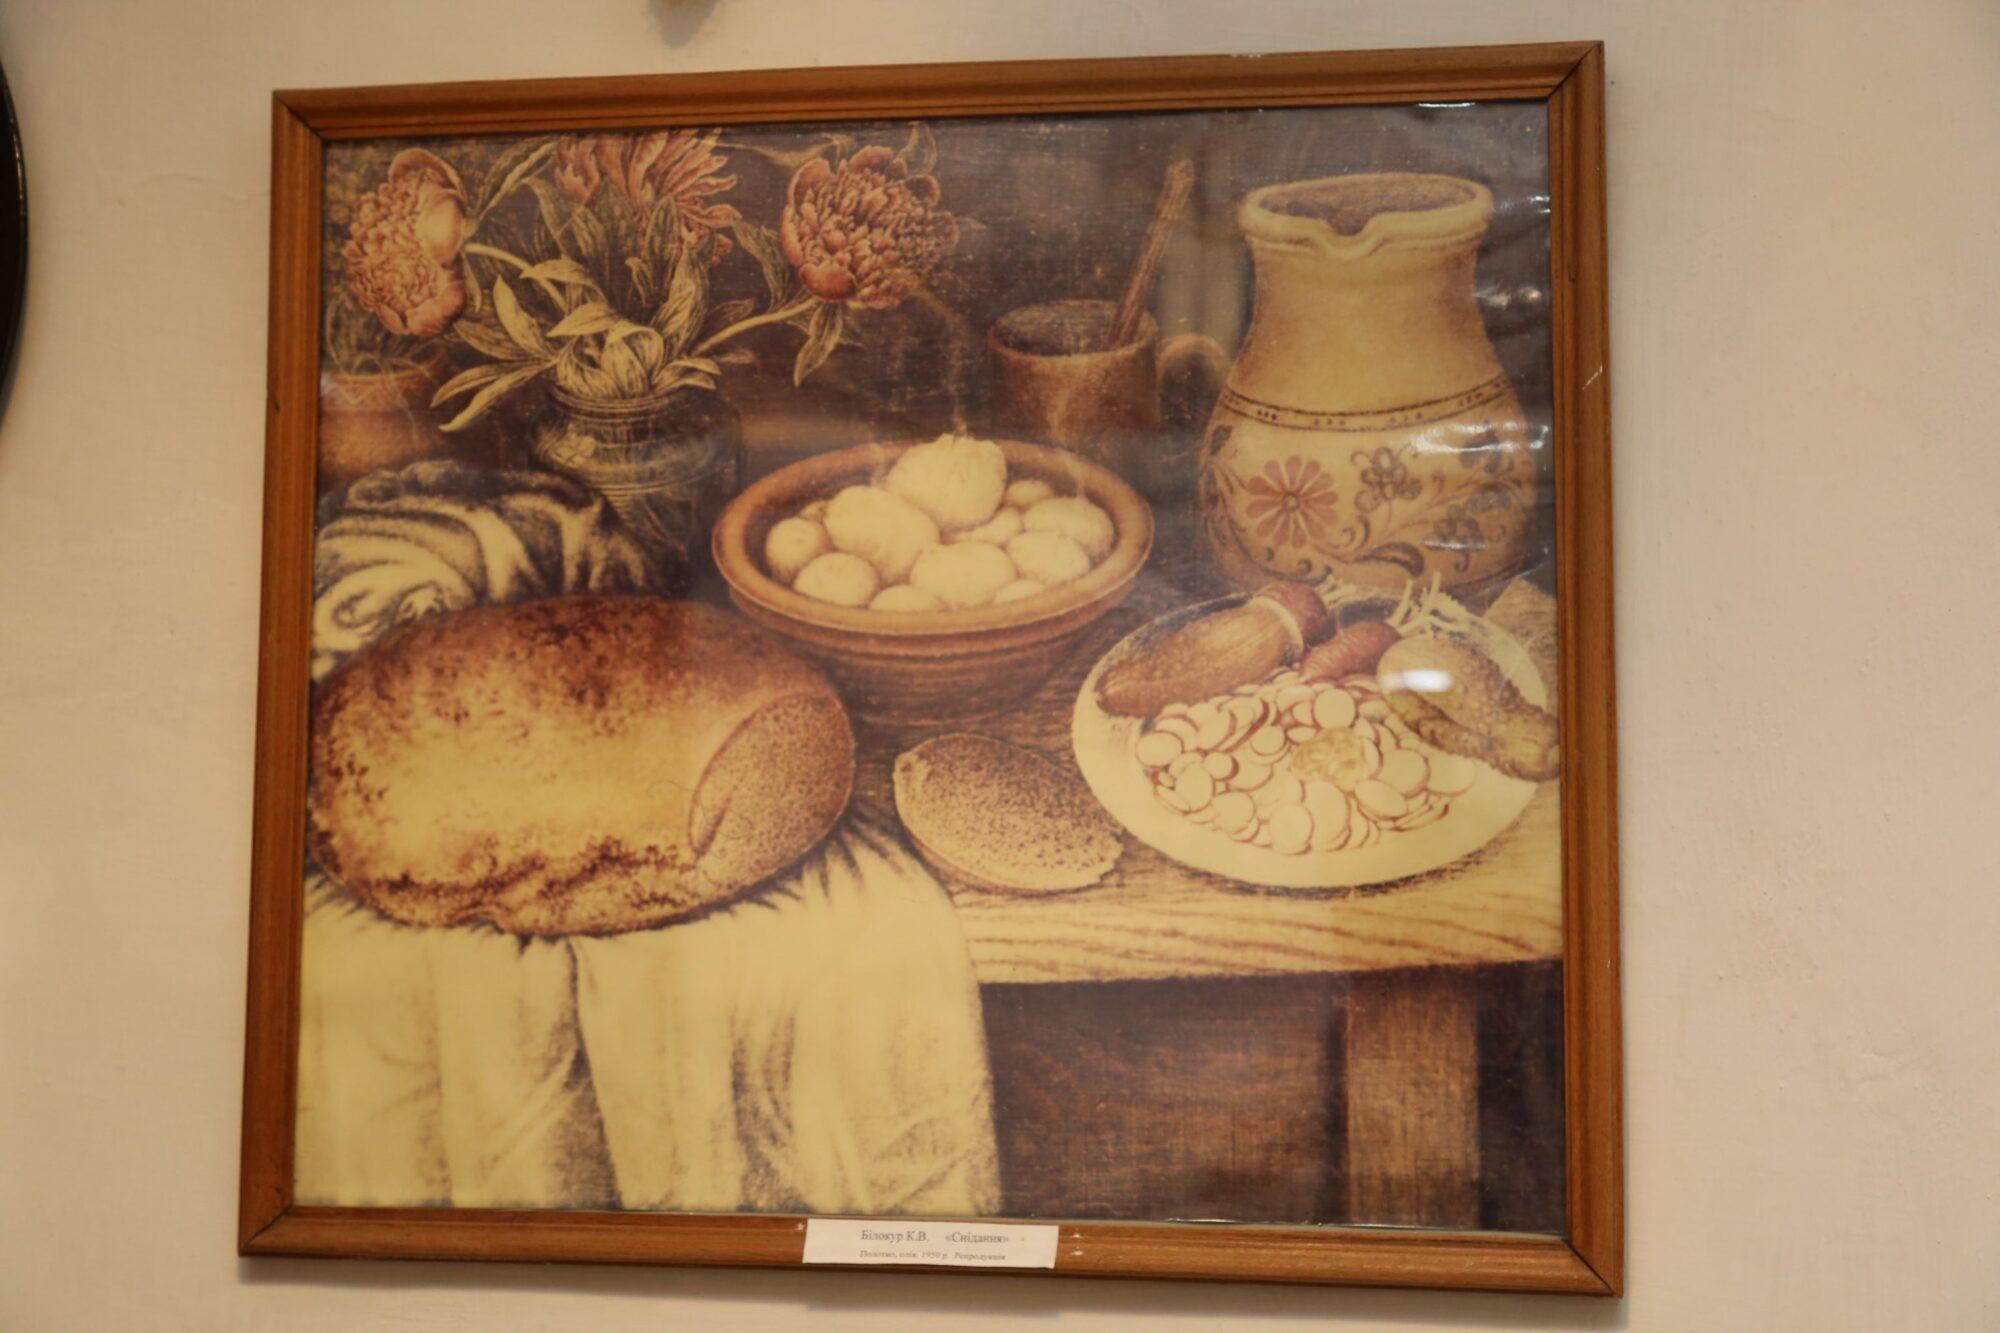 Нев'янучі квіти  Катерини Білокур - художниця, талант, національна культура, Катерина Білокур - MUz6 2000x1333